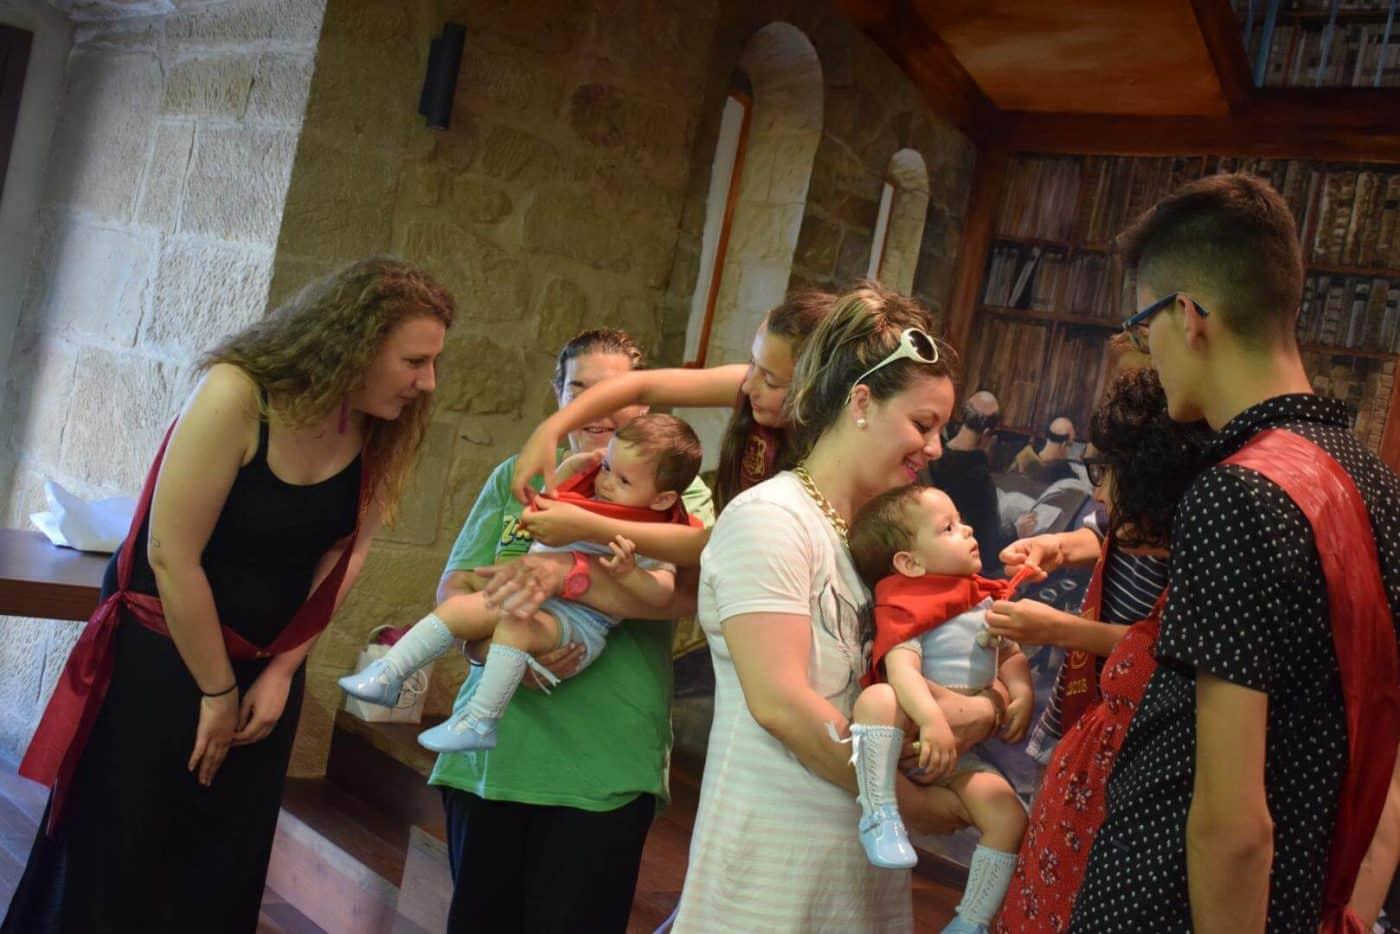 Bautismo festivo para casi 70 niños en Haro 22